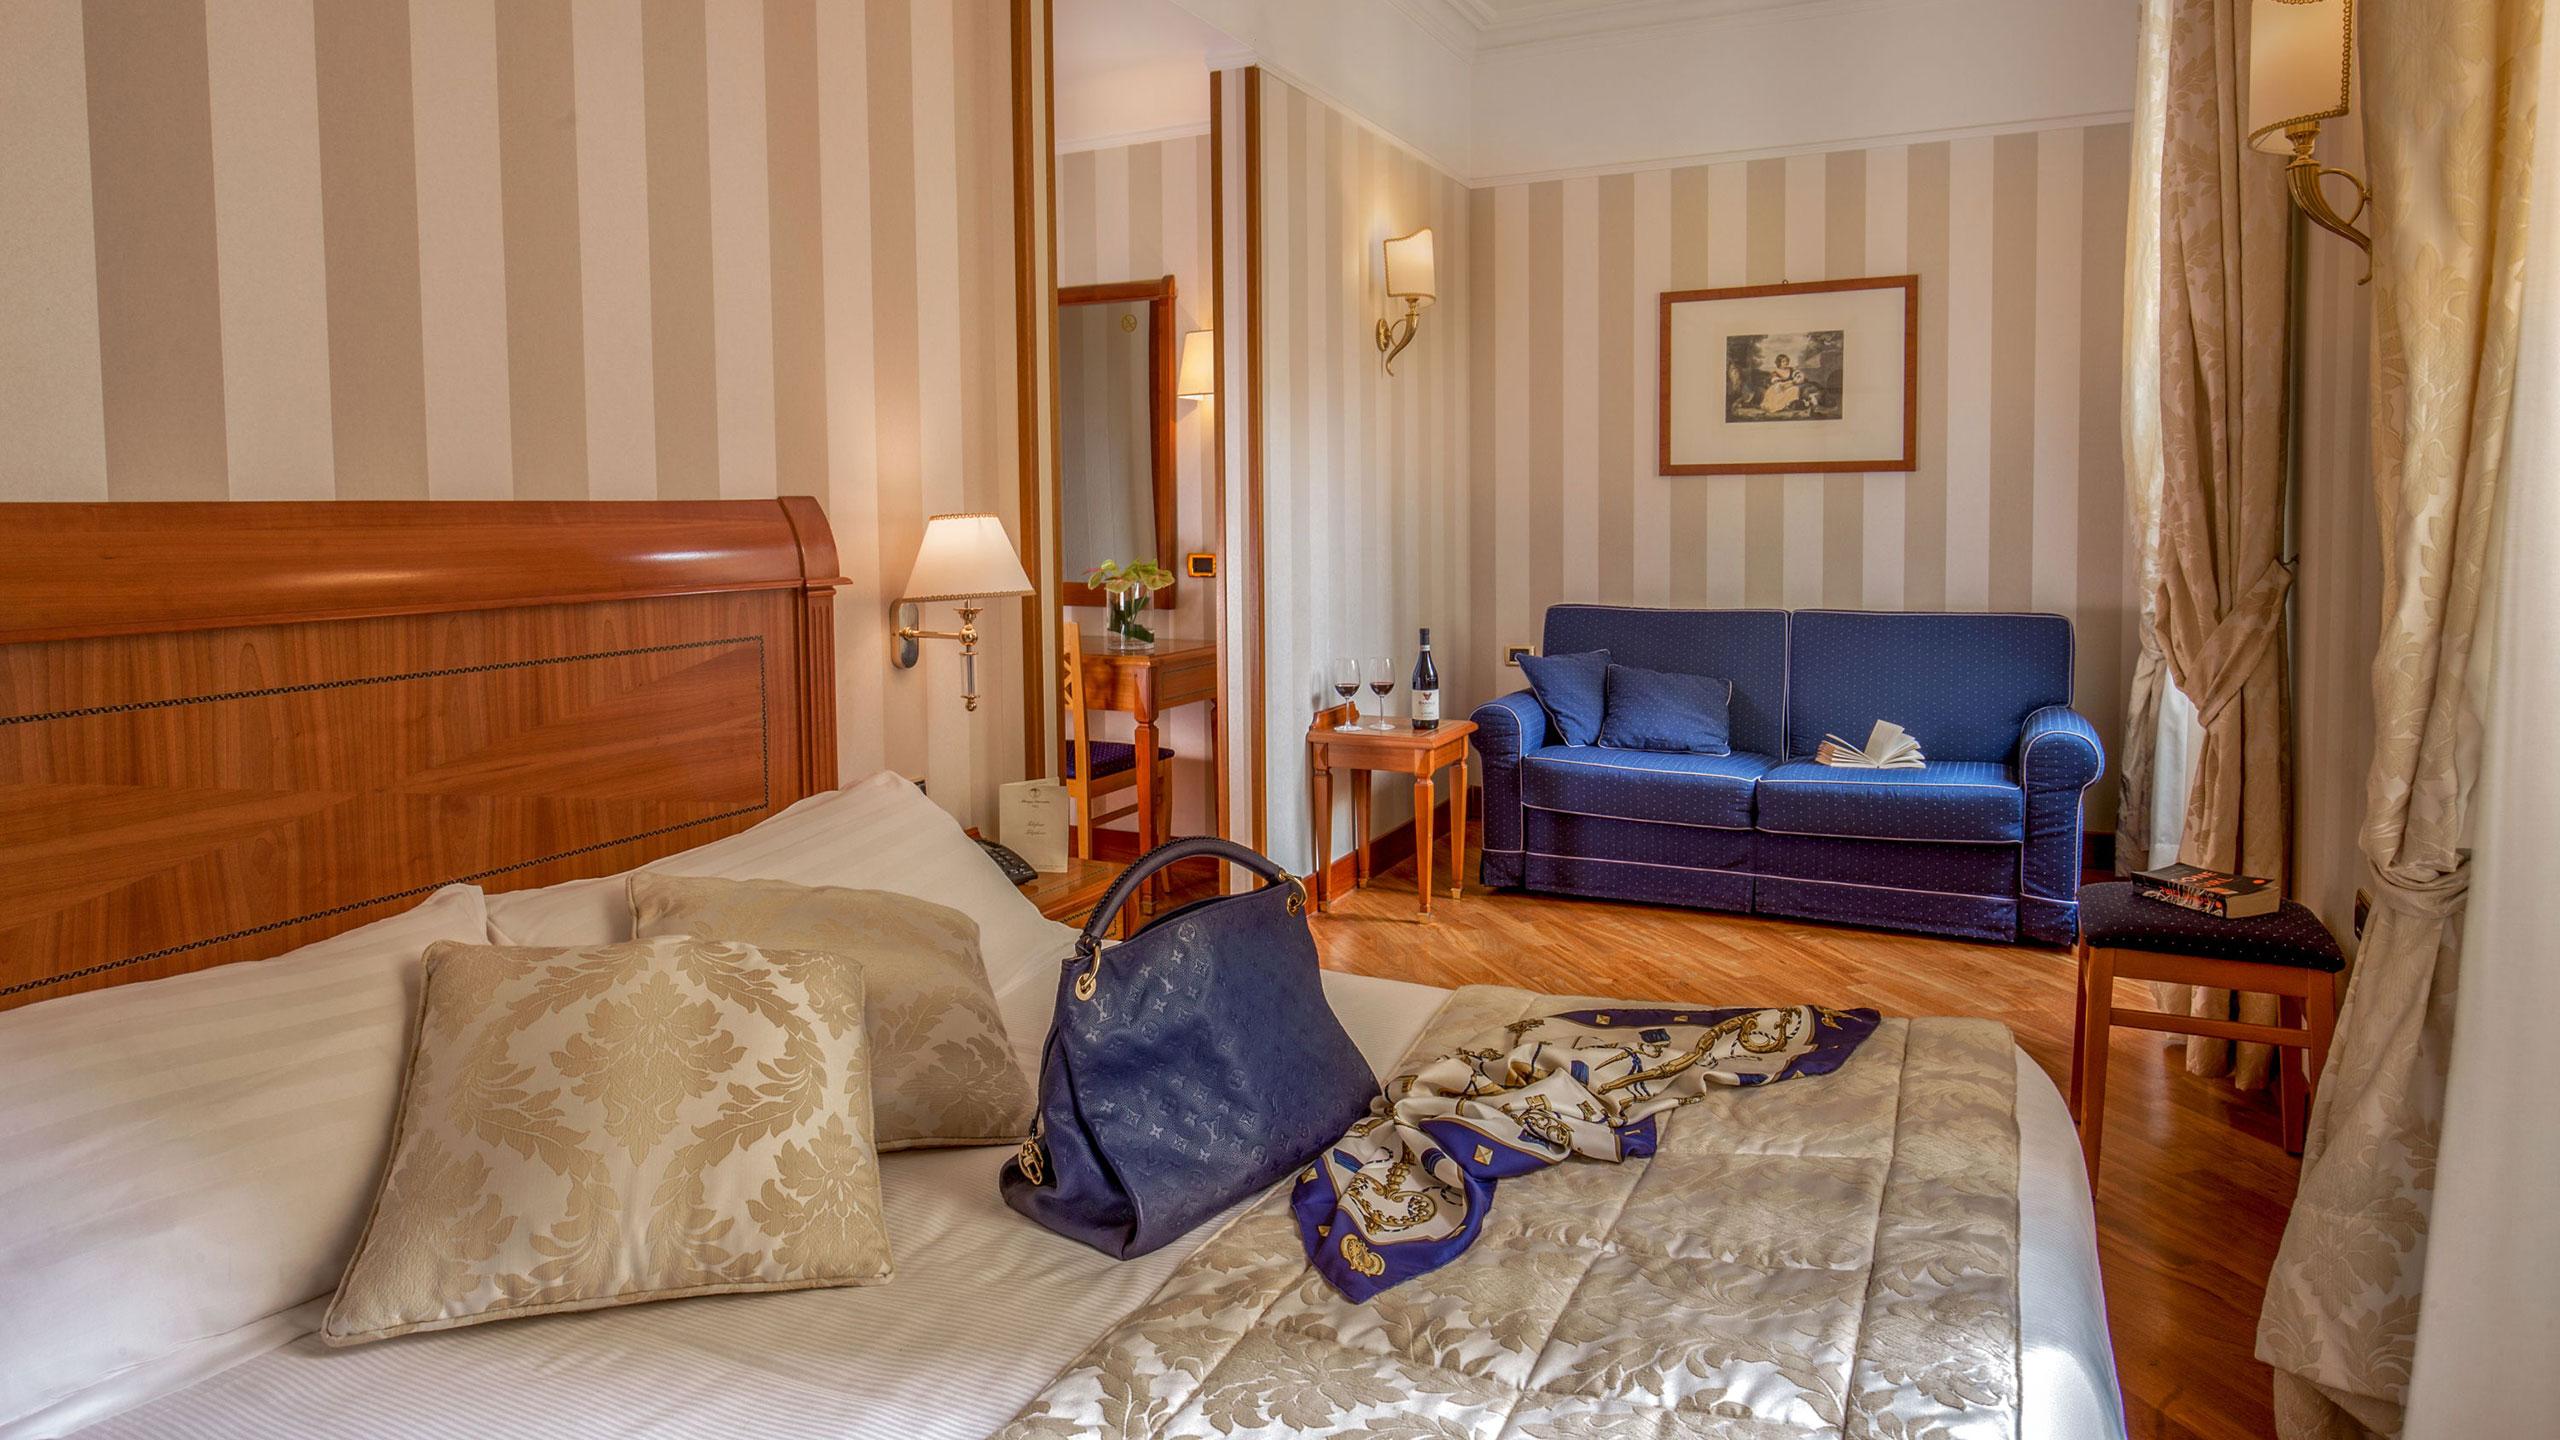 albergo-ottocento-rome-chambre-triple-deluxe-11